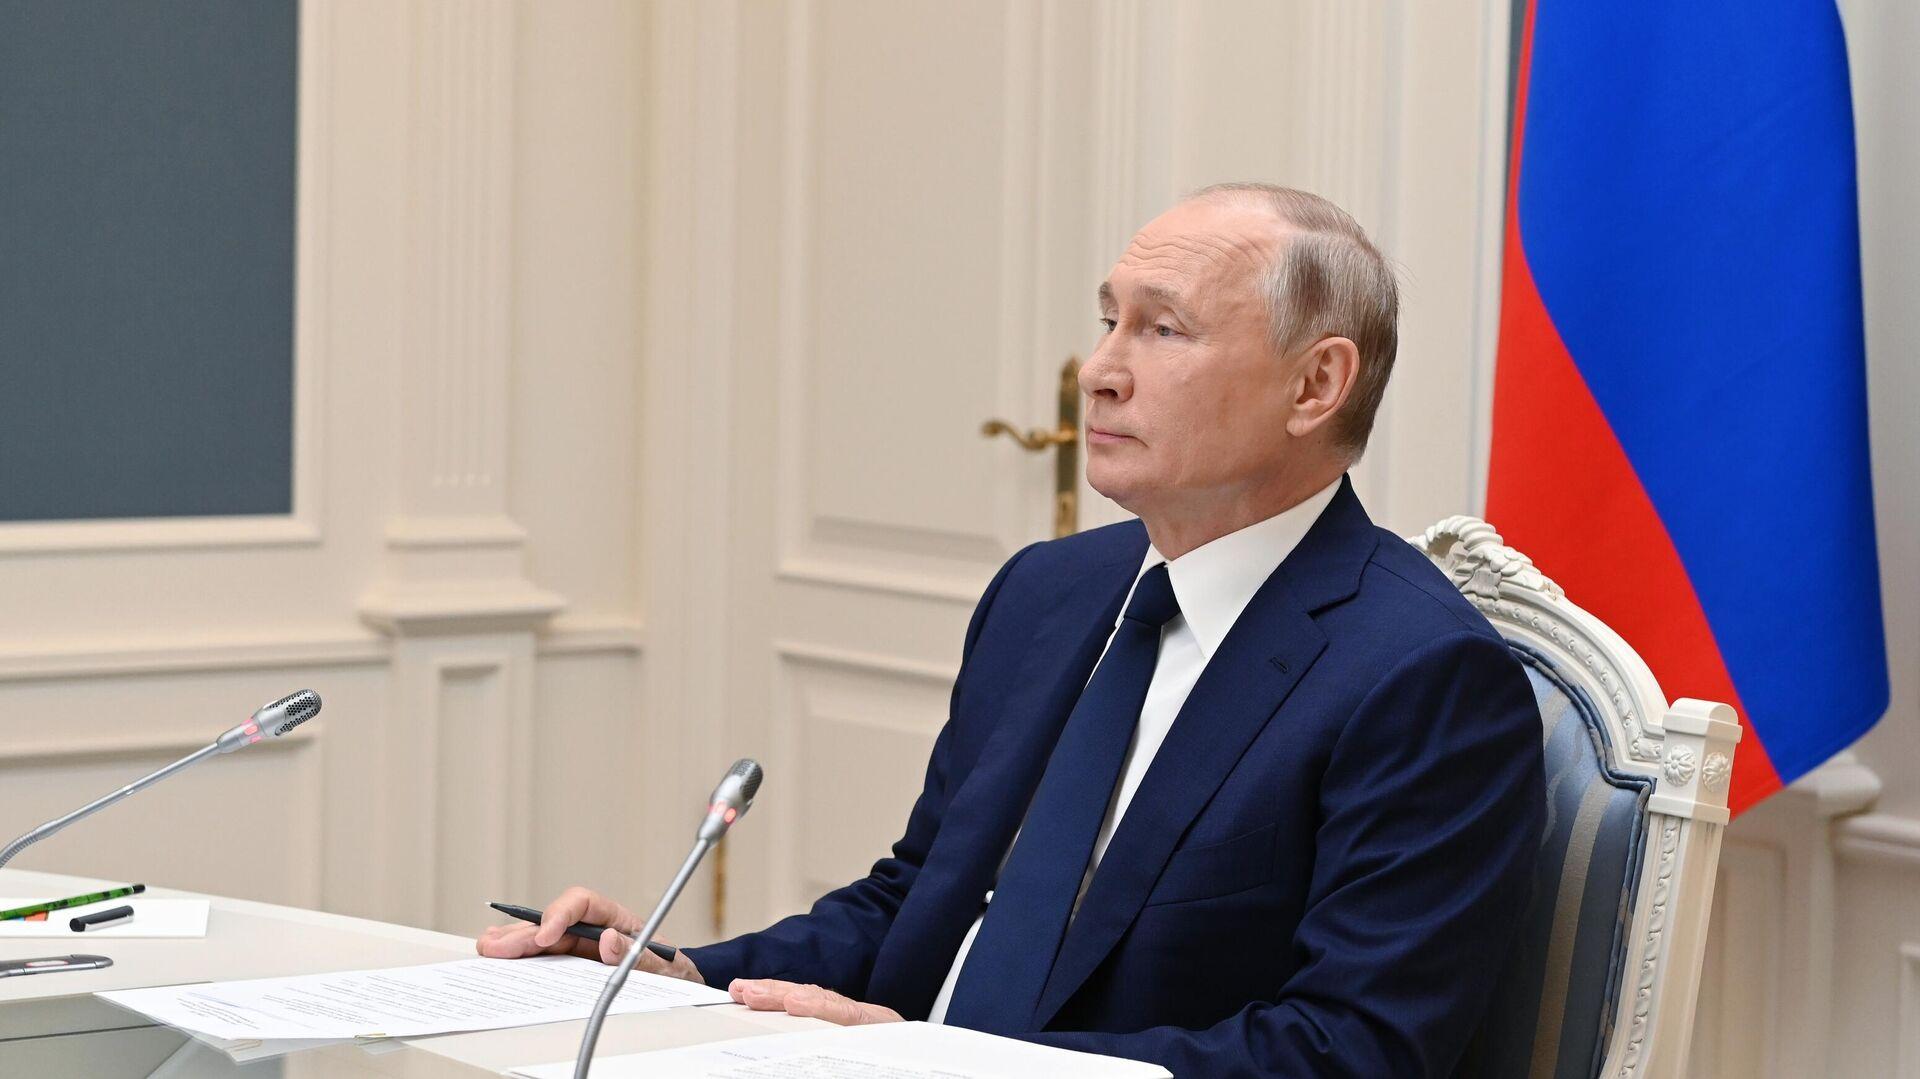 Путин предложил Совбезу обсудить цифровизацию в сфере нацбезопасности